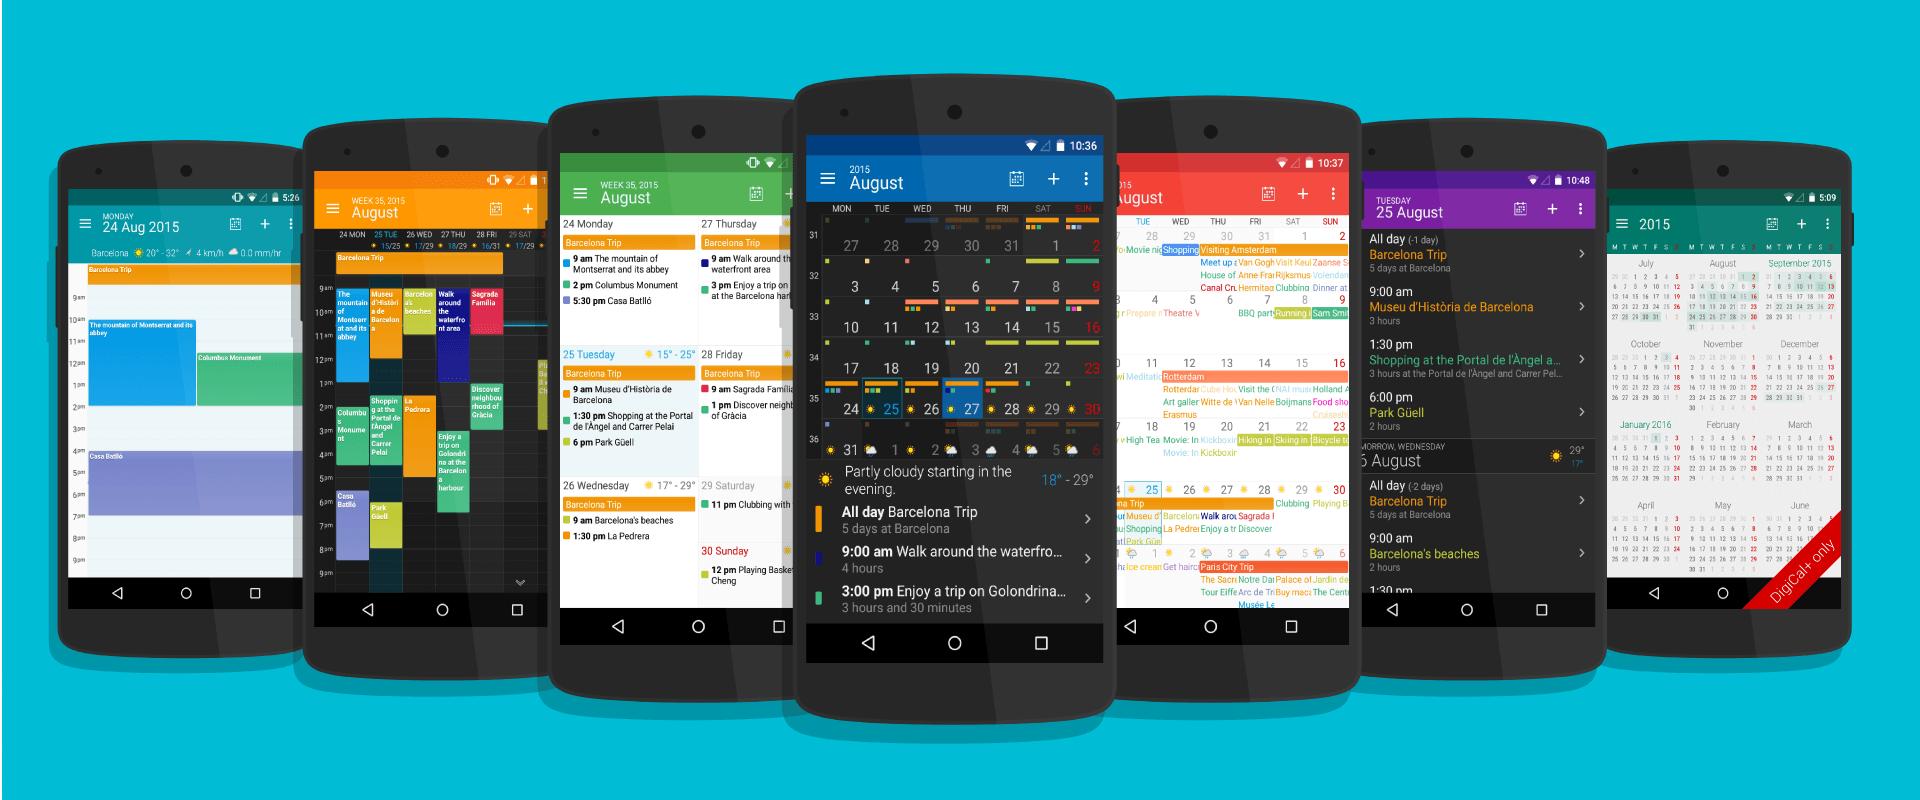 Kalendář DigiCal pro Android - jednotlivá zobrazení